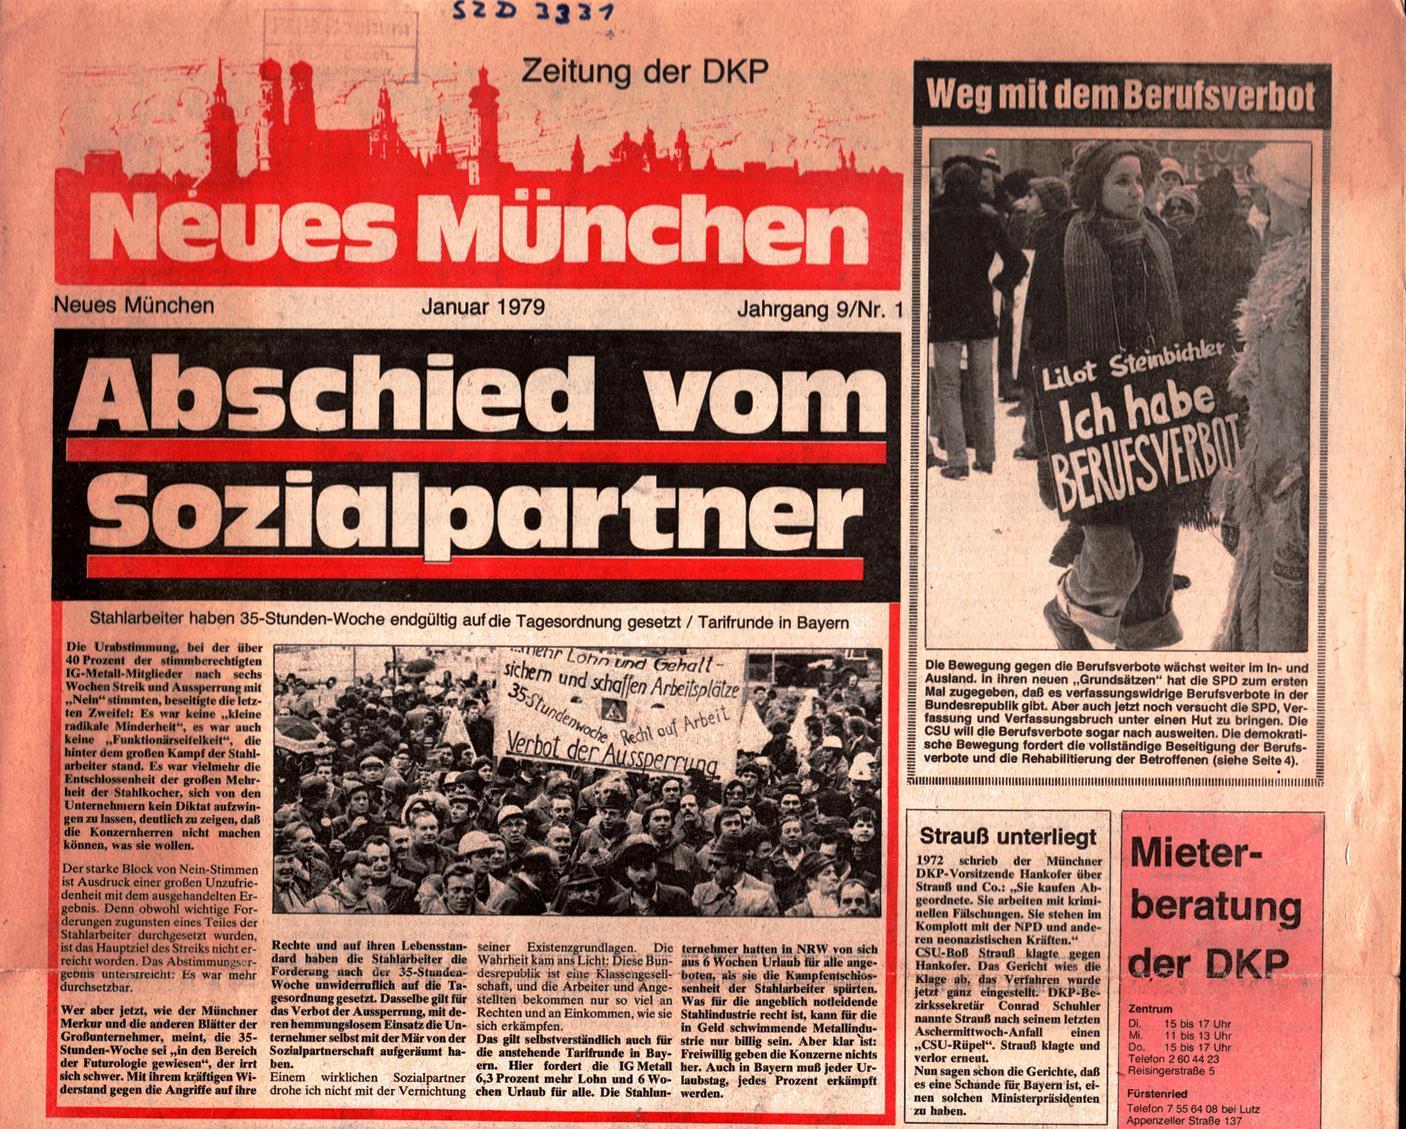 Muenchen_DKP_Neues_Muenchen_19790100_001_001